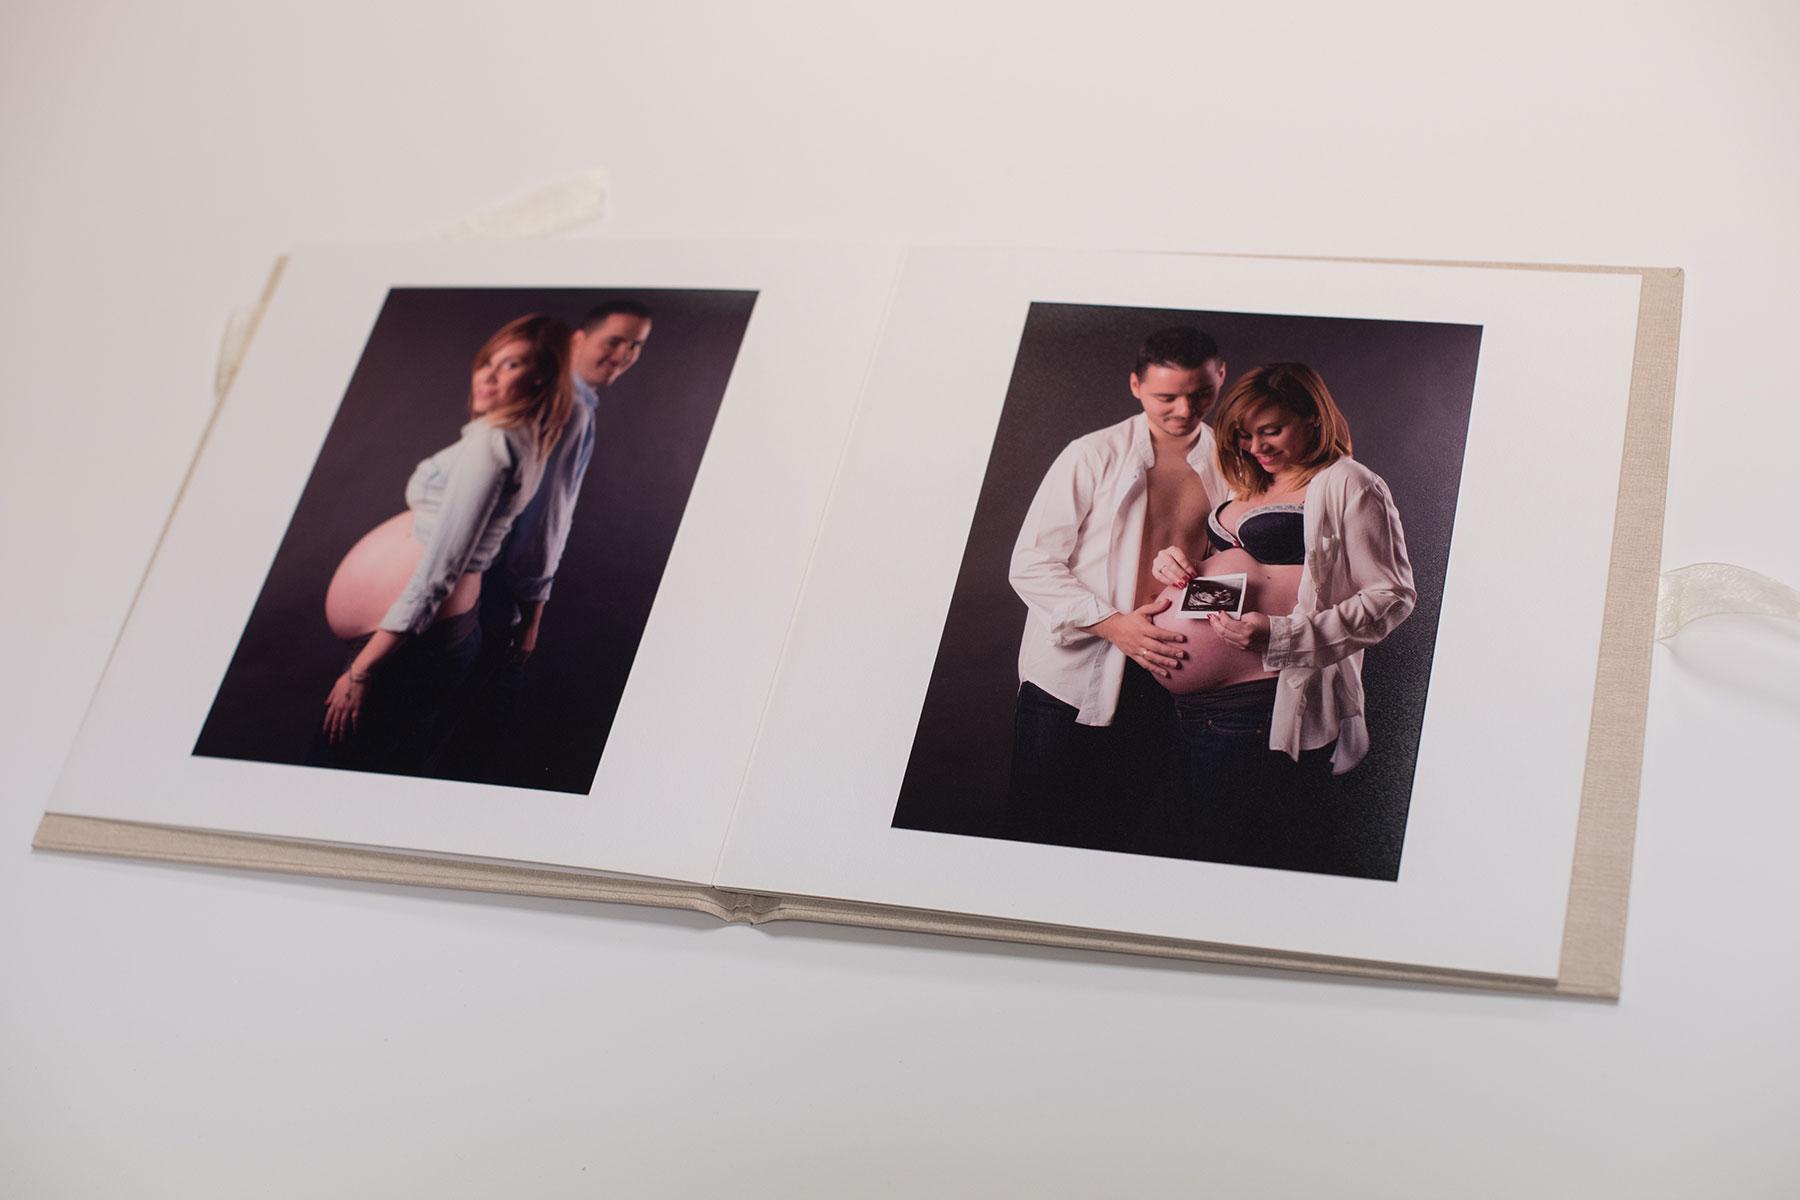 producto-embarazo-album-tradicional-con-9-fotos-estudio-15×20-y-25×25-ruben-06